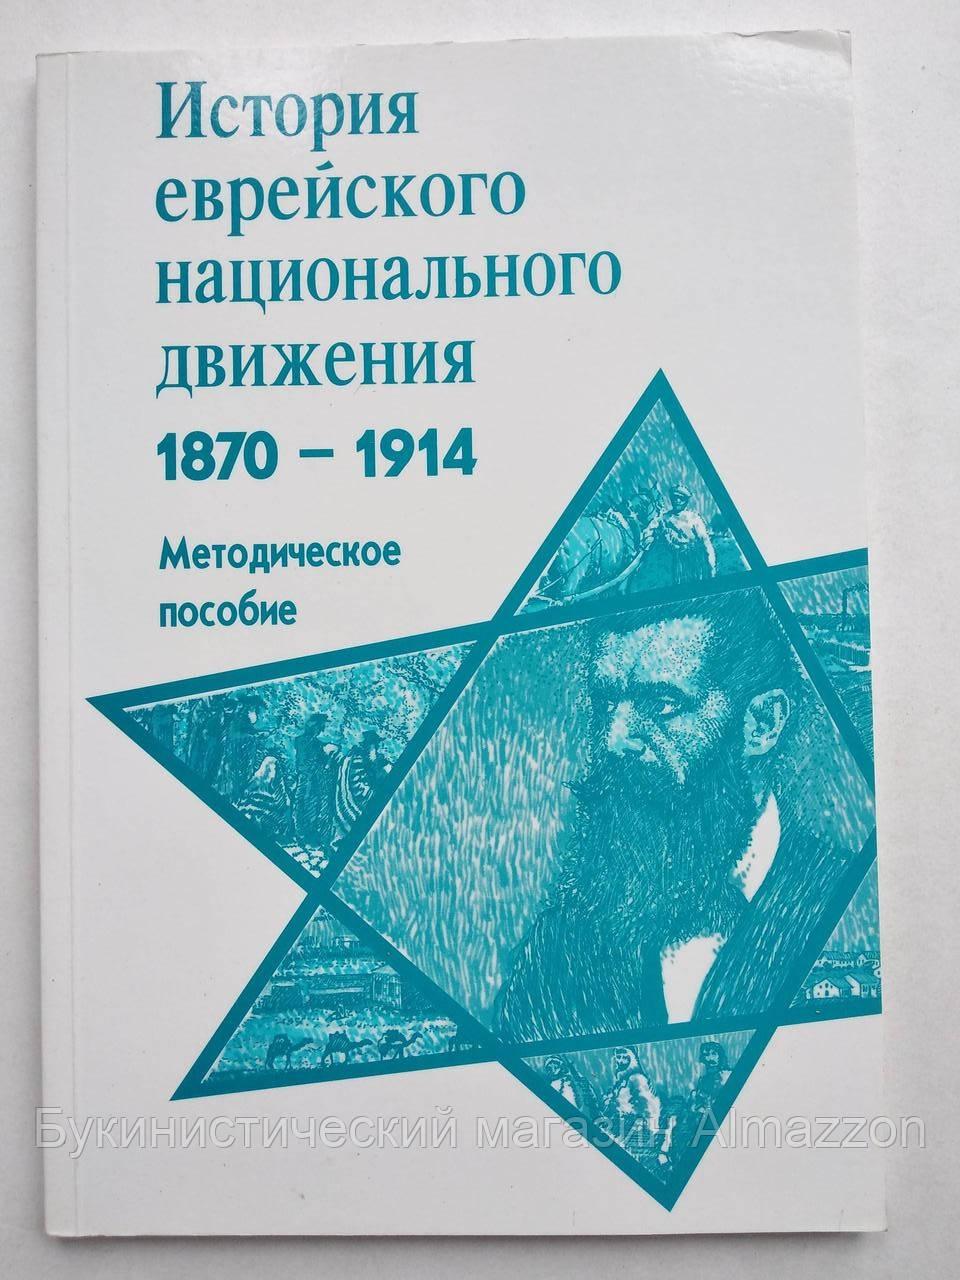 История еврейского национального движения 1870-1914 Методическое пособие